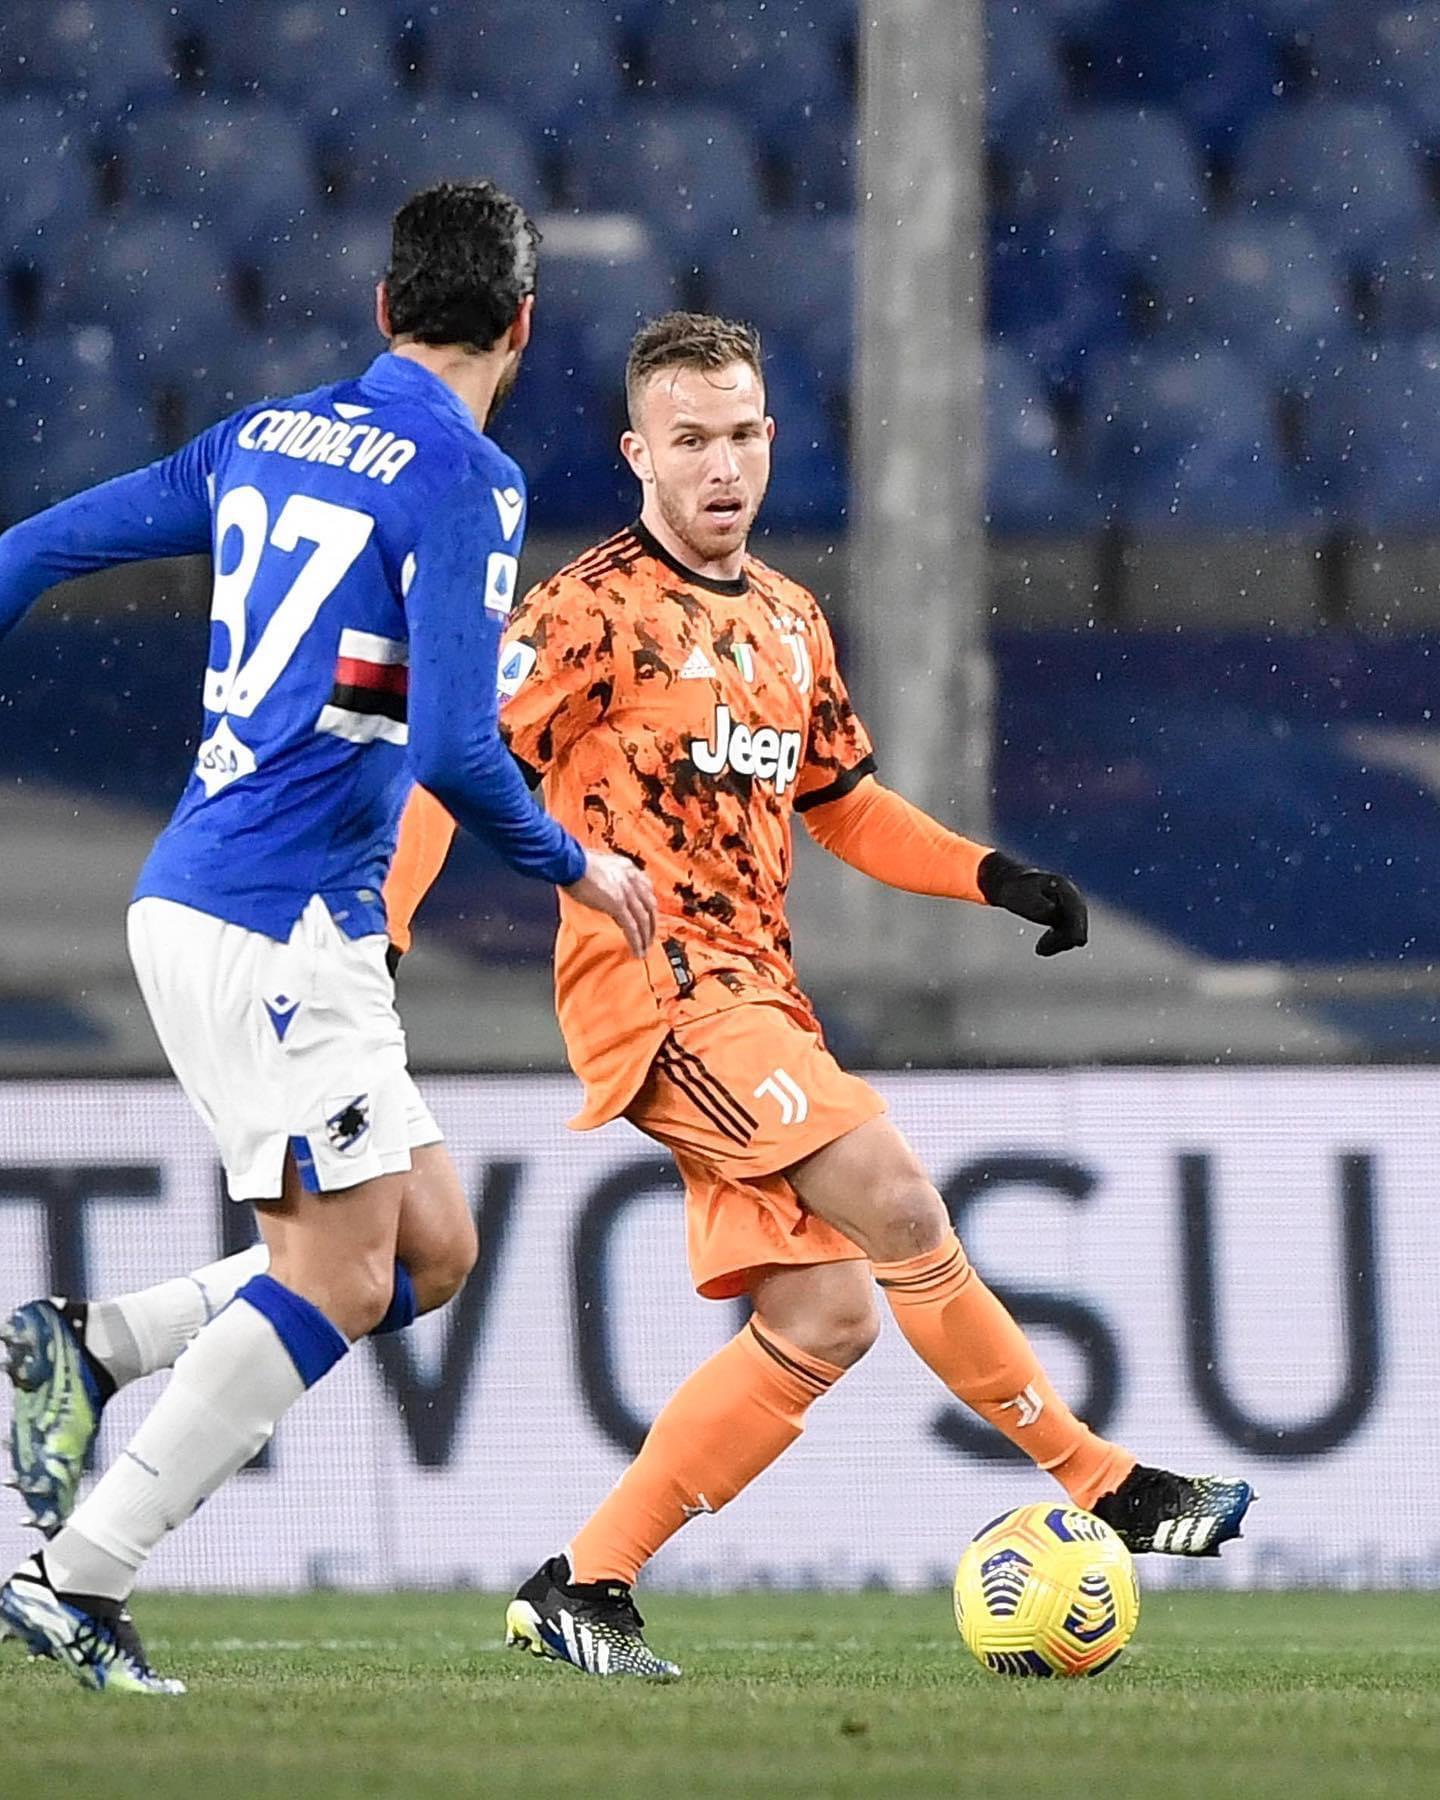 Arthur VS Sampdoria